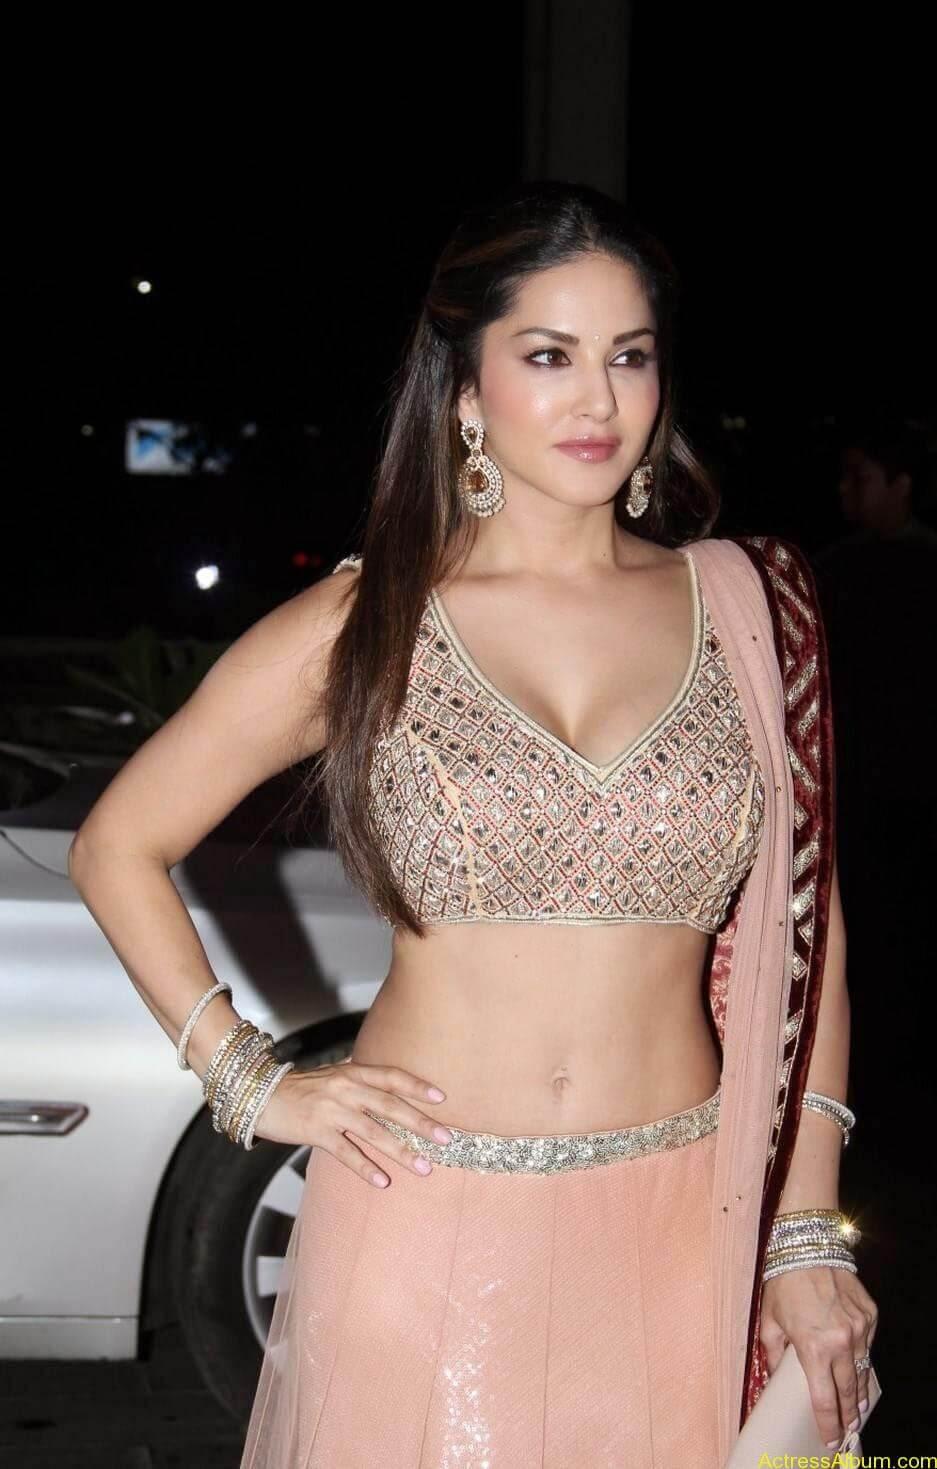 Sunny-Leone-Stills-at-Tulsi-Kumar's-Wedding-Receptions_1